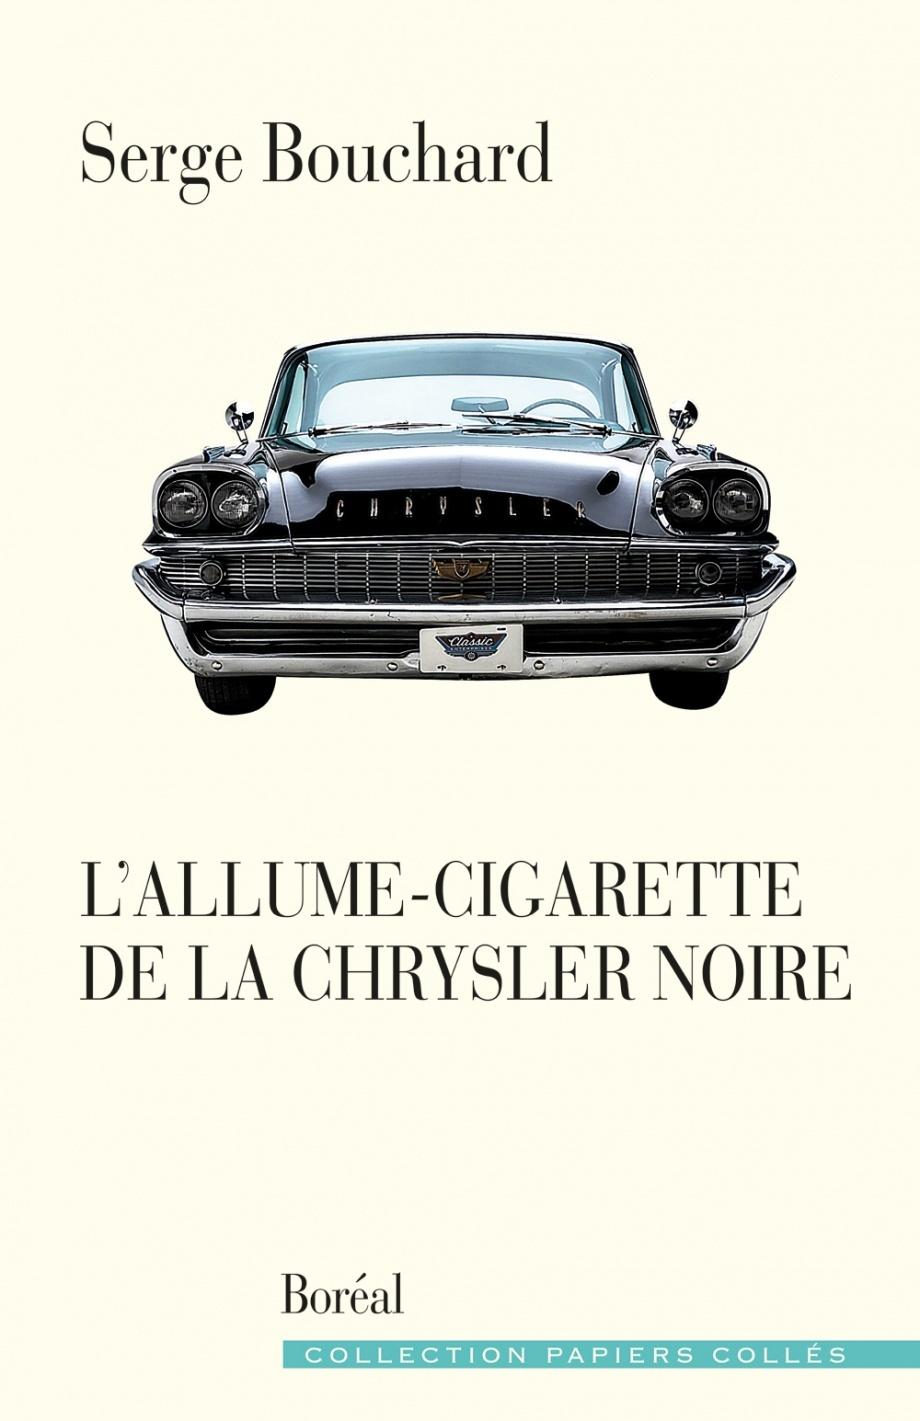 L'allume-cigarette de la Chrysler noire, Boréal, 2019